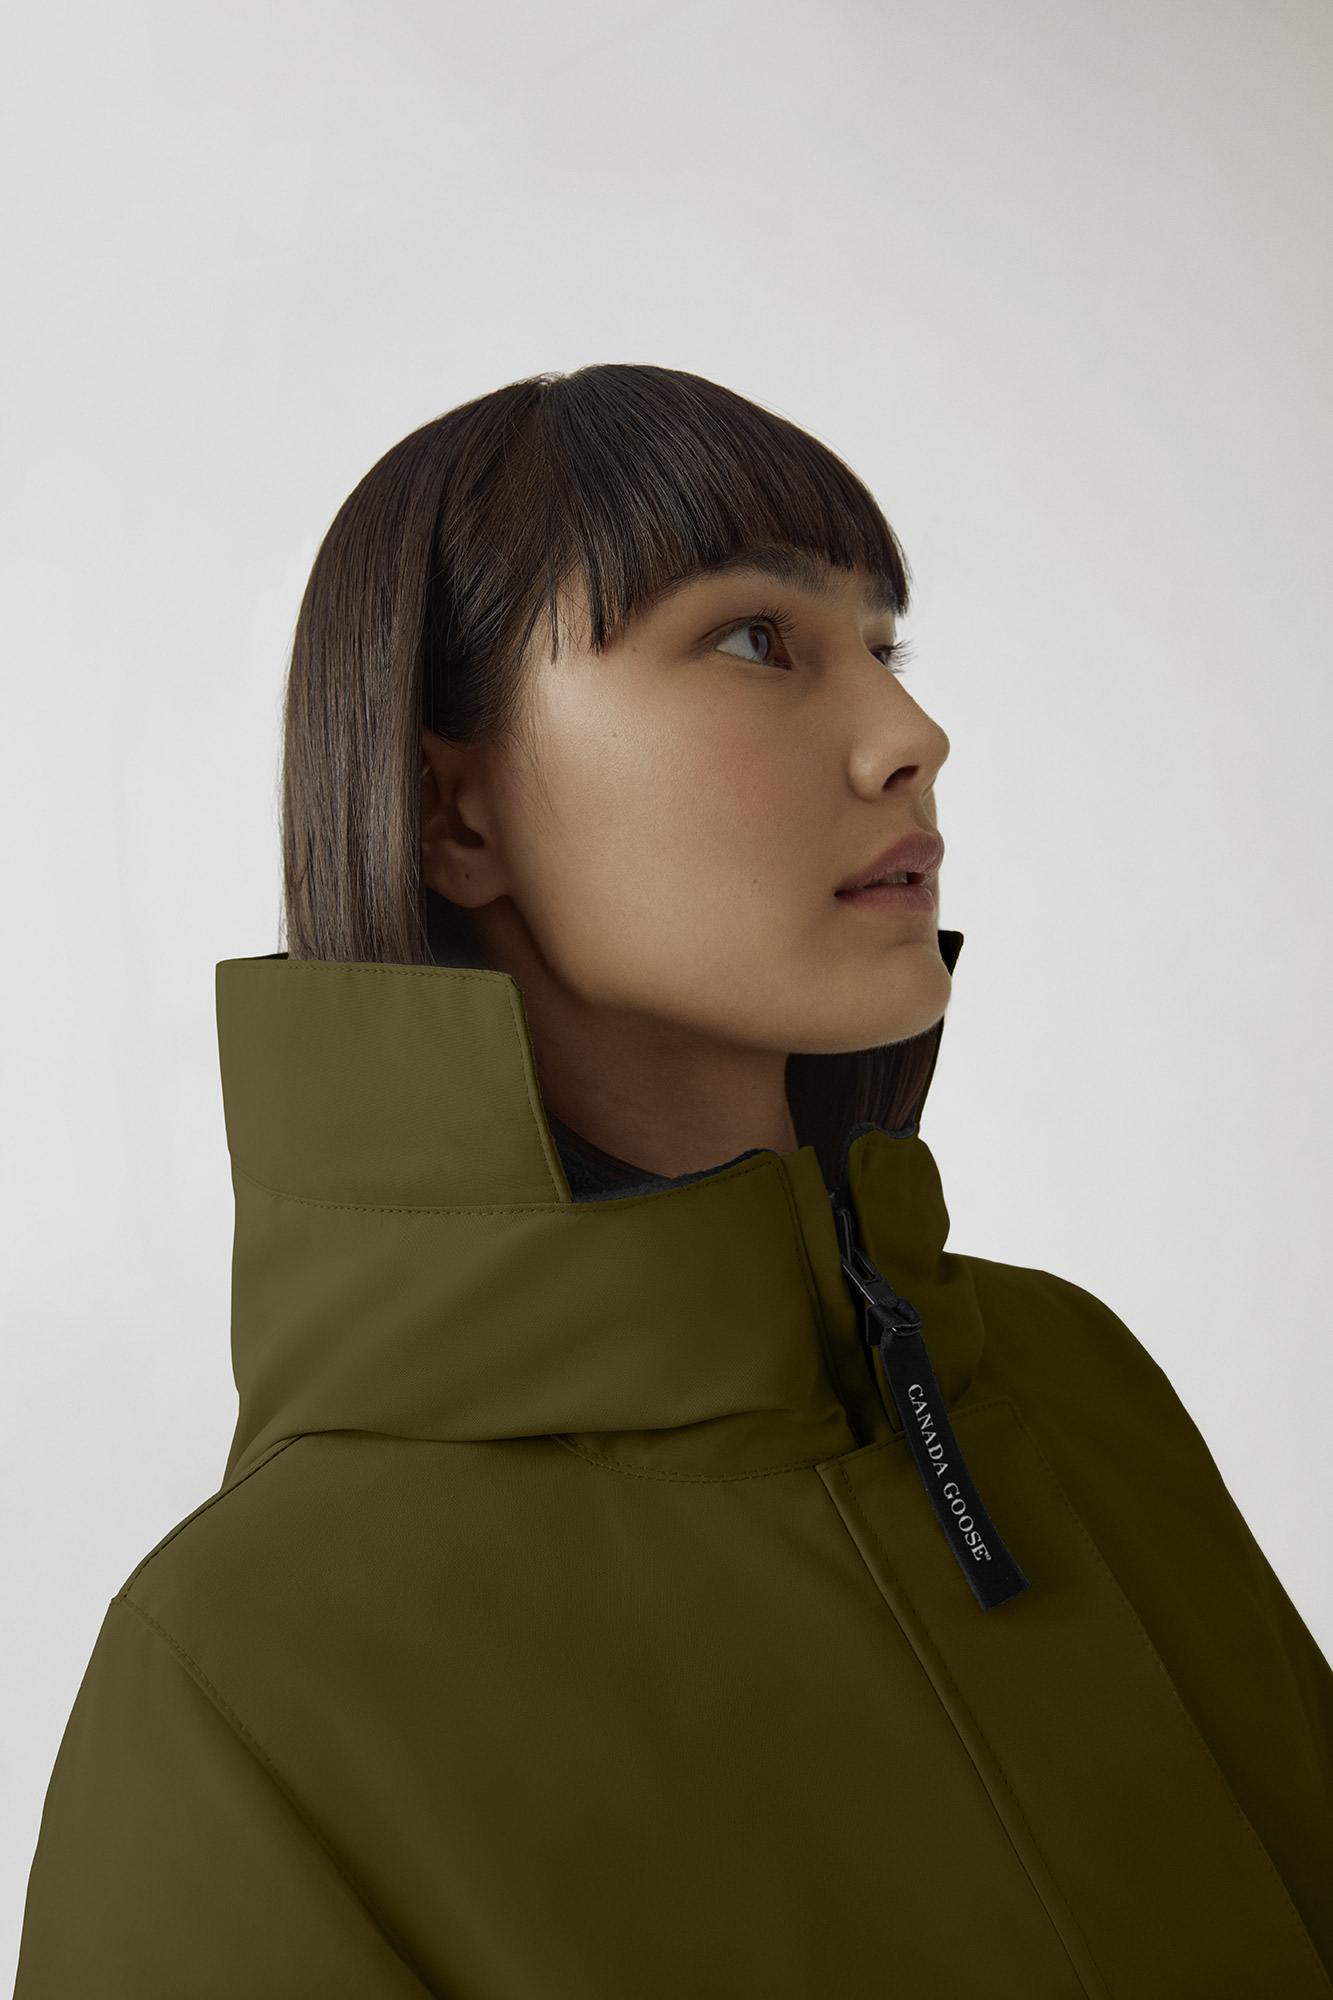 CANADA GOOSE VICTORIA S Navy Blau Damen Winterjacke Down Jacket Daunen Jacke